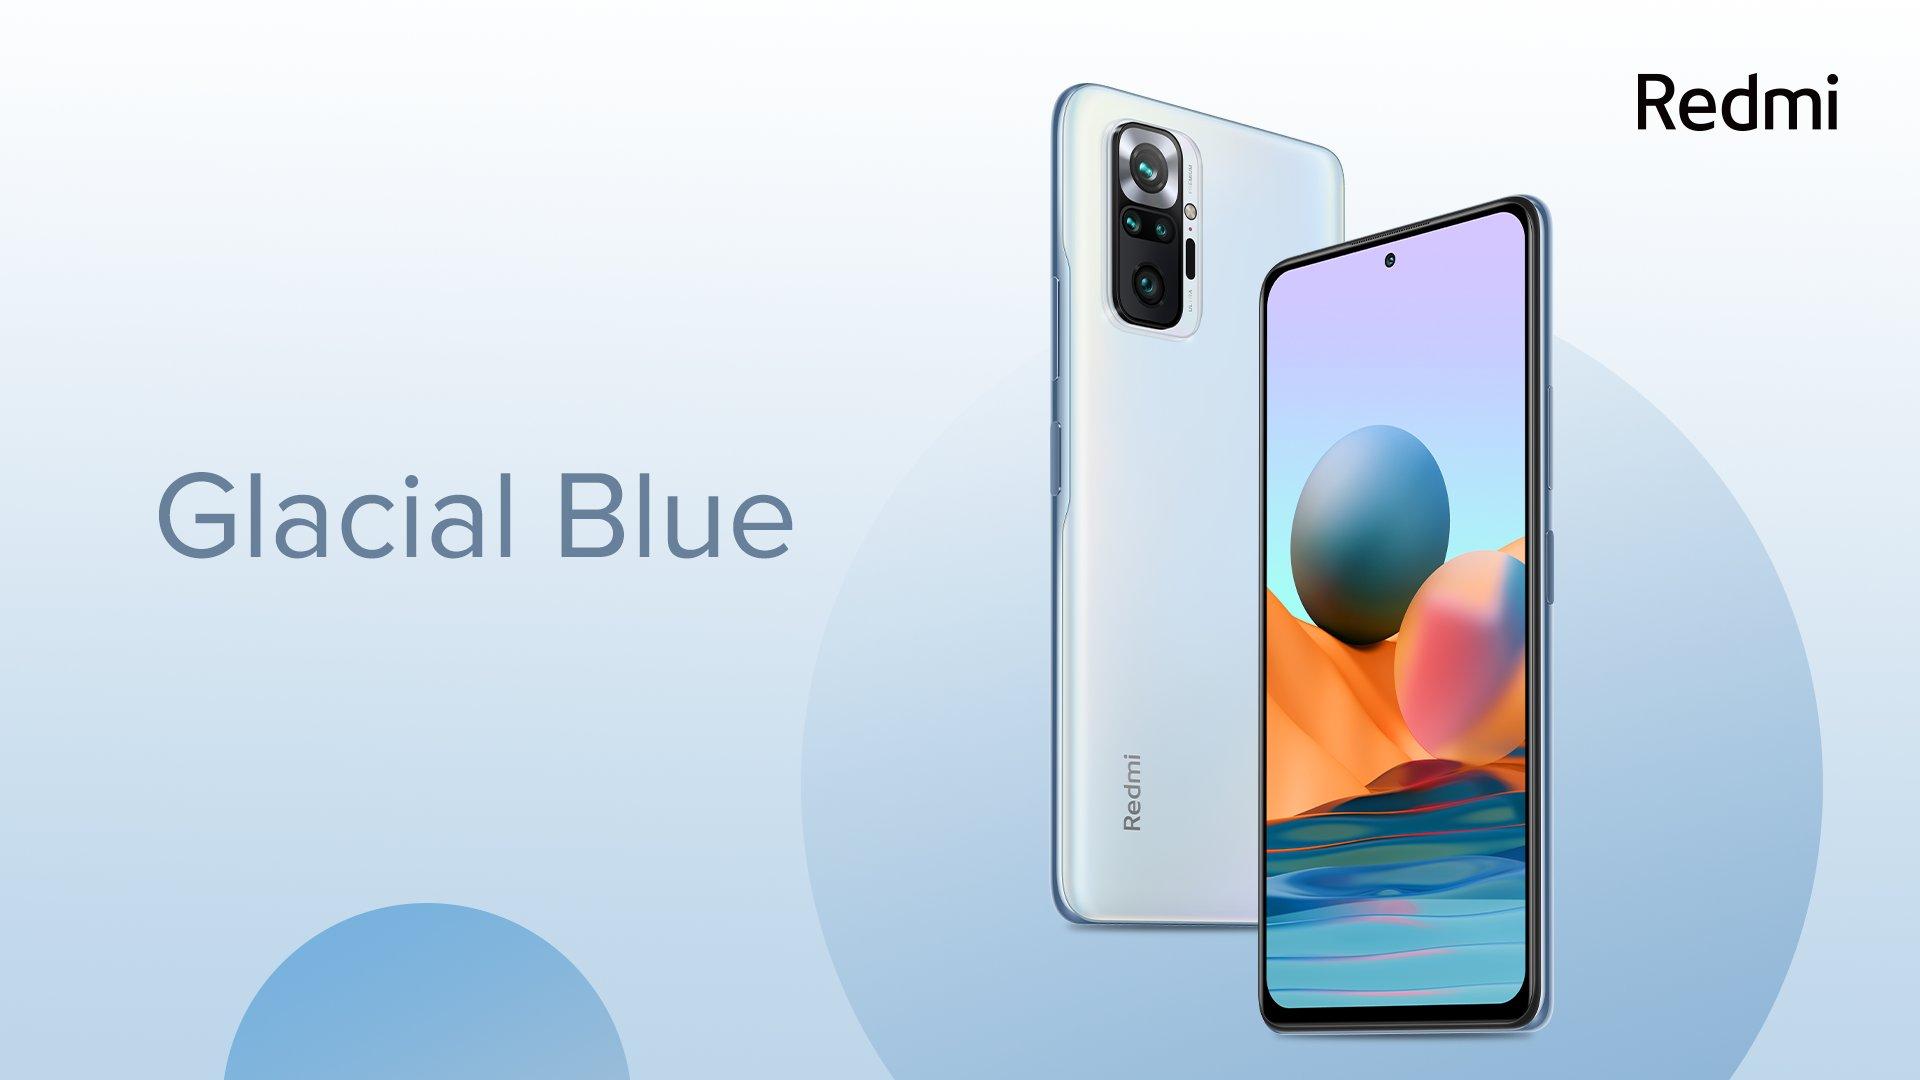 Así es la nueva Serie Redmi Note 10: cuando la gama media se choca con la gama alta. Noticias Xiaomi Adictos